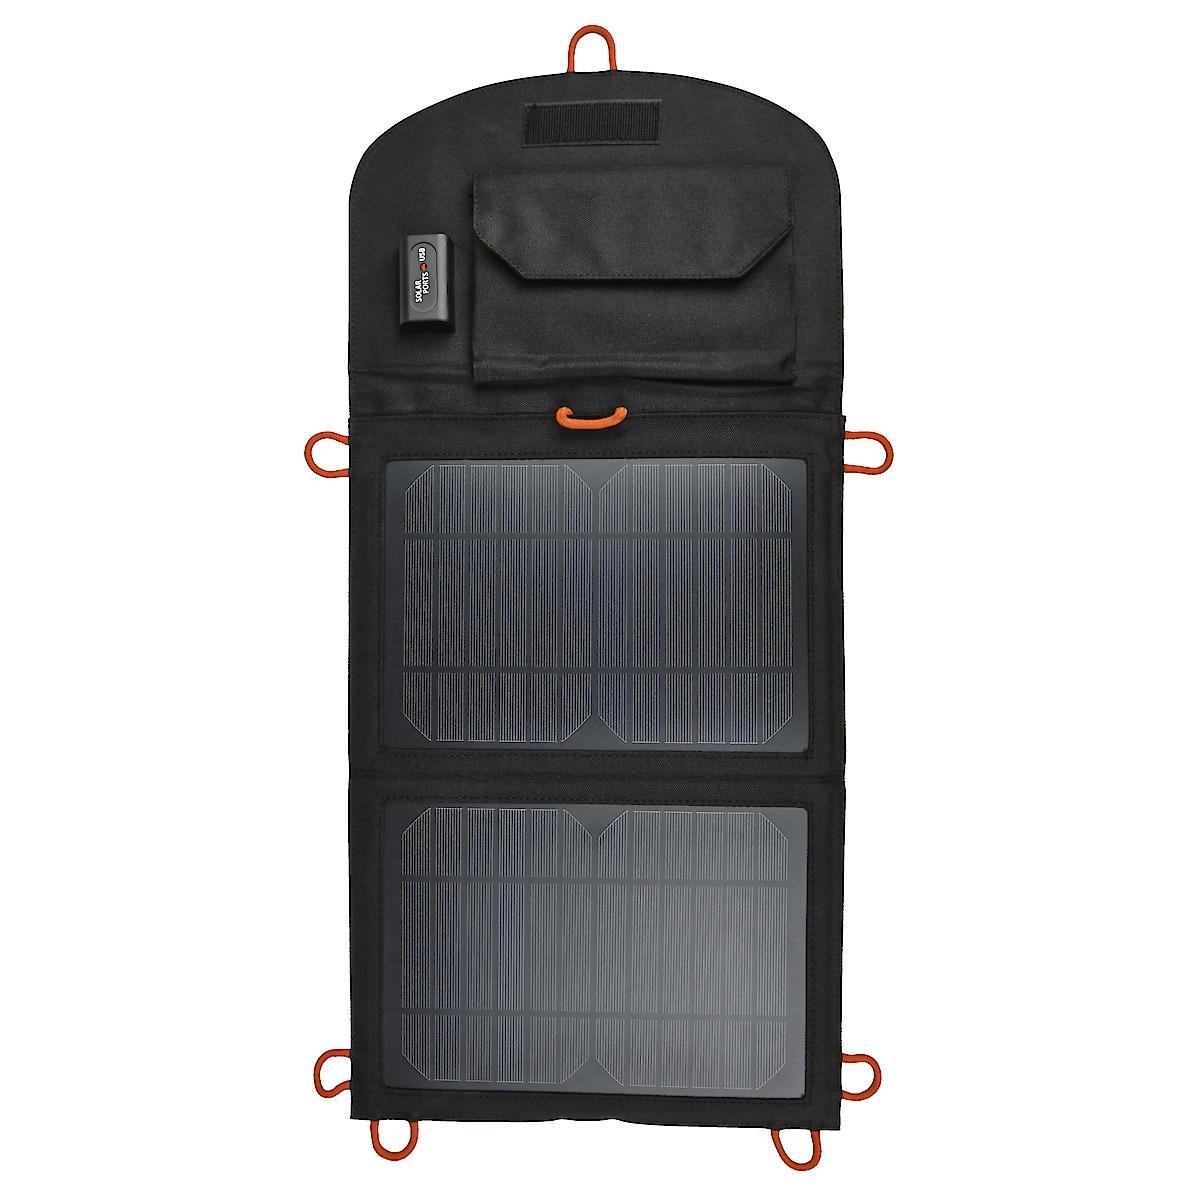 USB-aurinkokennolaturi 10 W, Exibel